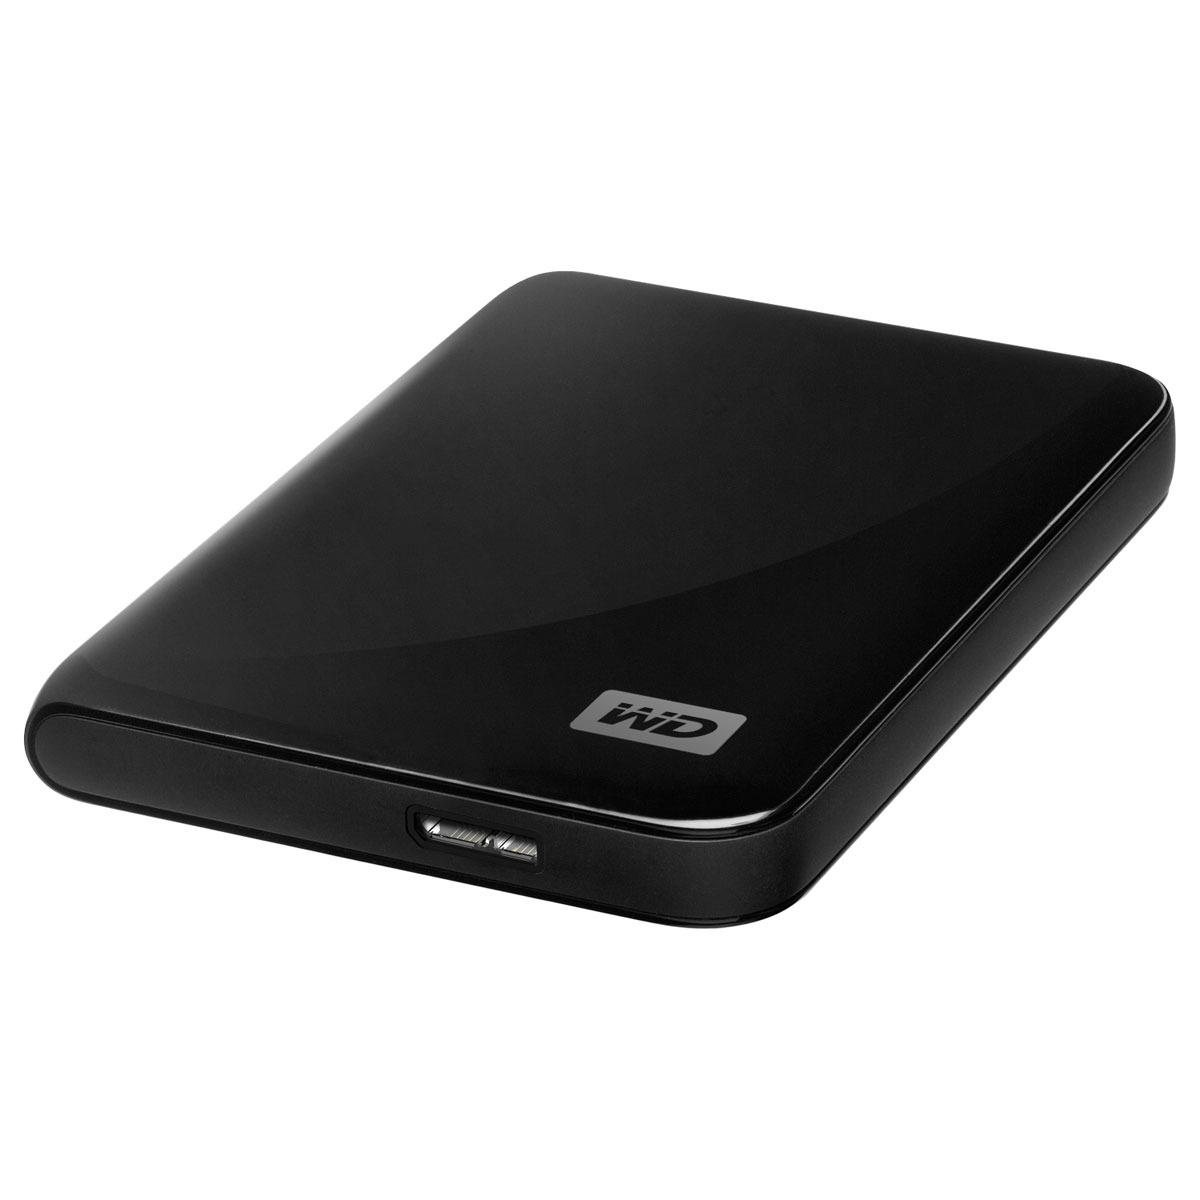 """Disque dur externe Western Digital My Passport Essential 500 Go Noir (USB 3.0) Disque dur externe 2.5"""" sur port USB 3.0/USB 2.0  (garantie constructeur 2 ans)"""